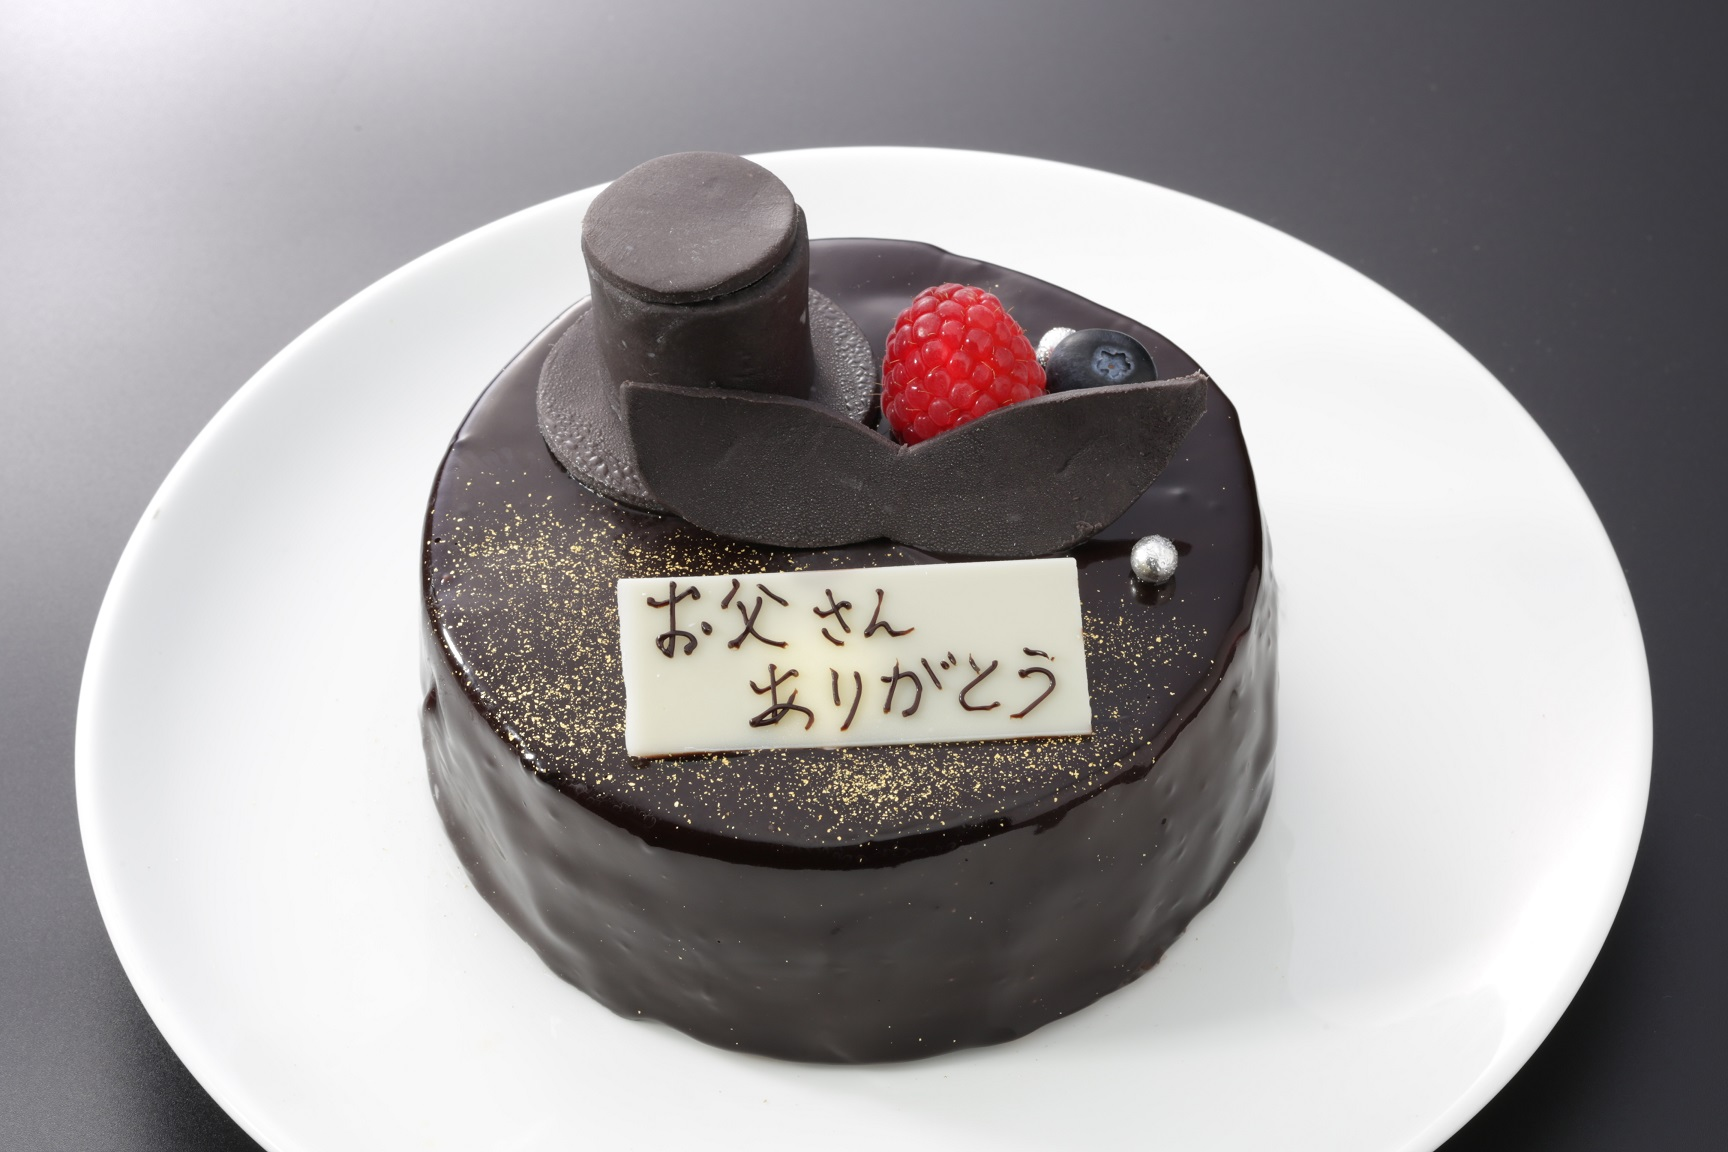 ぺ 父の日ケーキ 2500